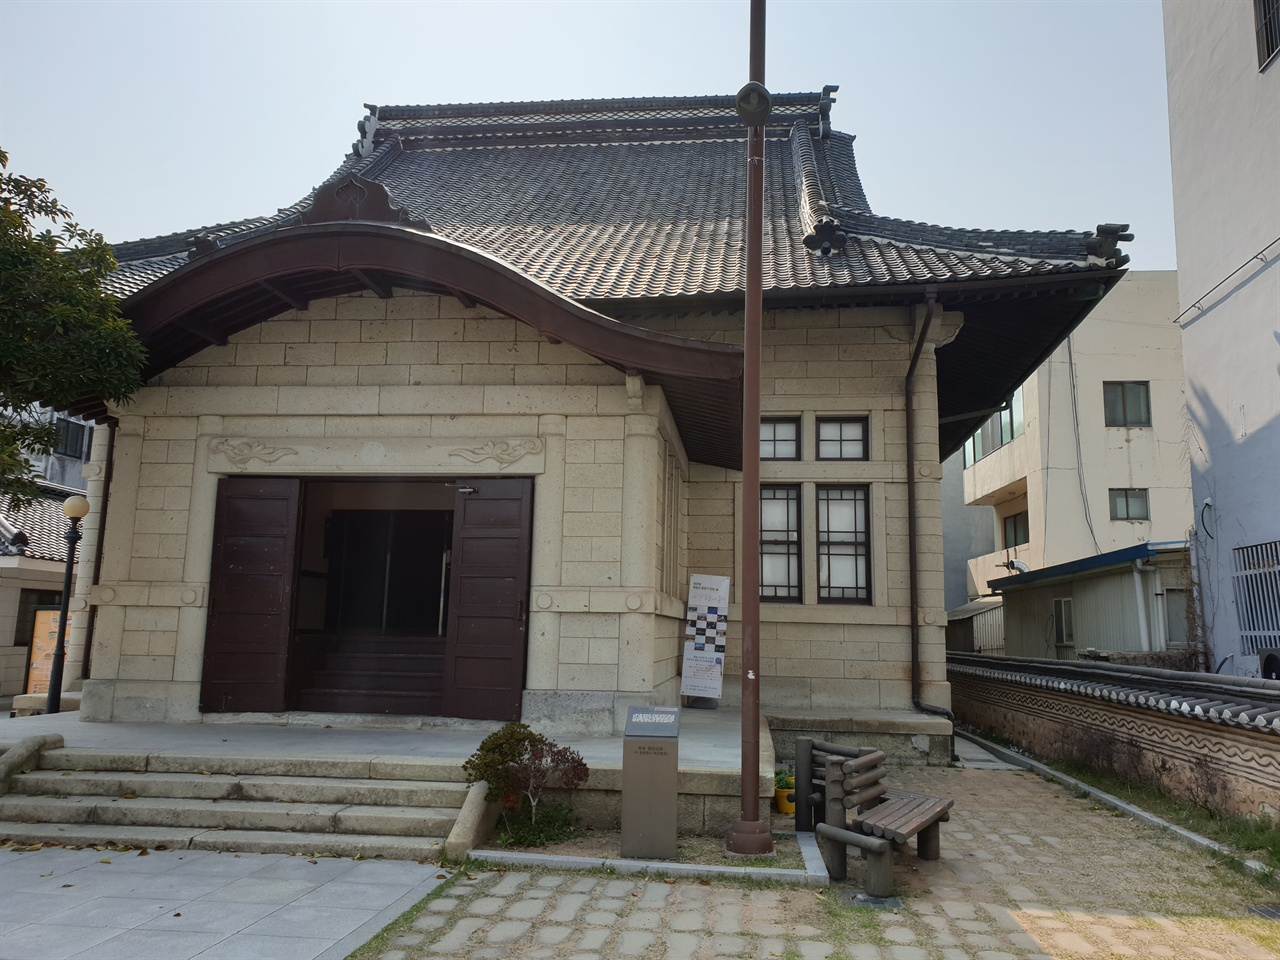 과거 일본불교 사찰이었던 곳을 교회로 사용했고, 지금은 전시공간으로 활용중인 이색적인 모습의 오거리문화센터